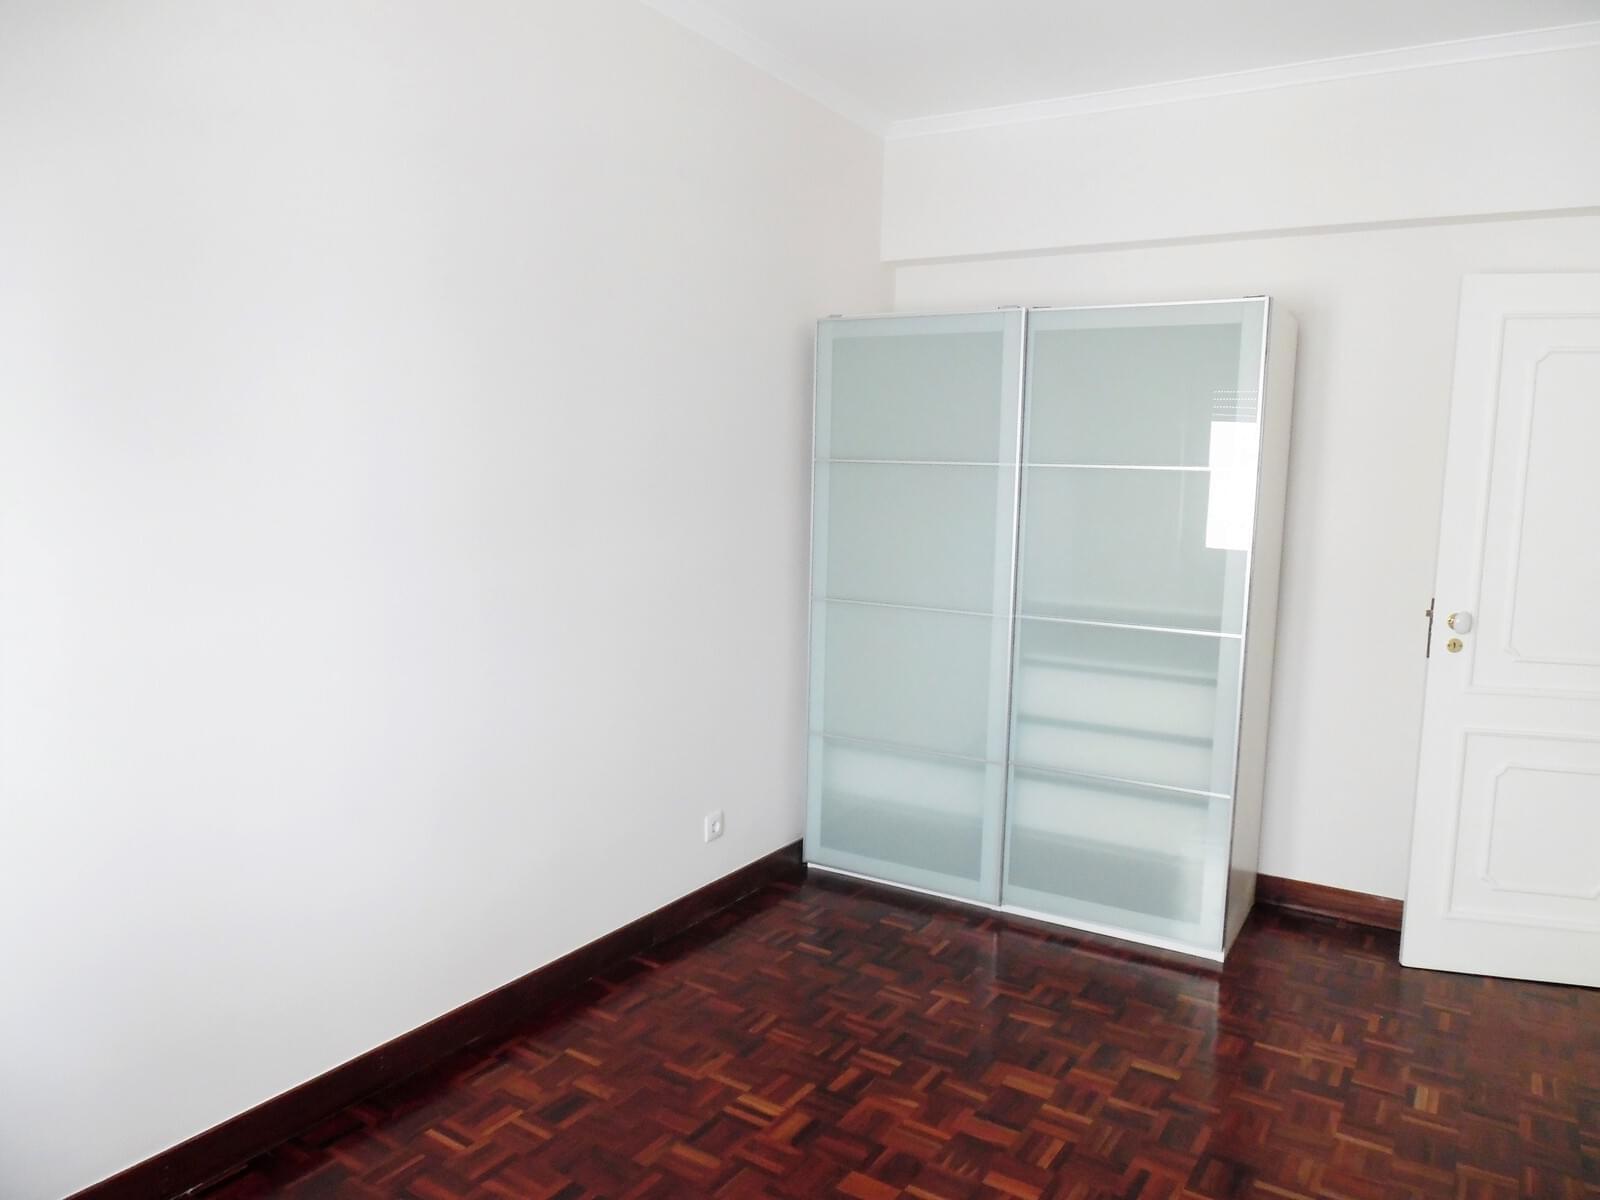 pf17621-apartamento-t4-lisboa-a90b5d5d-56a6-46f9-9435-6db749ebdc0c